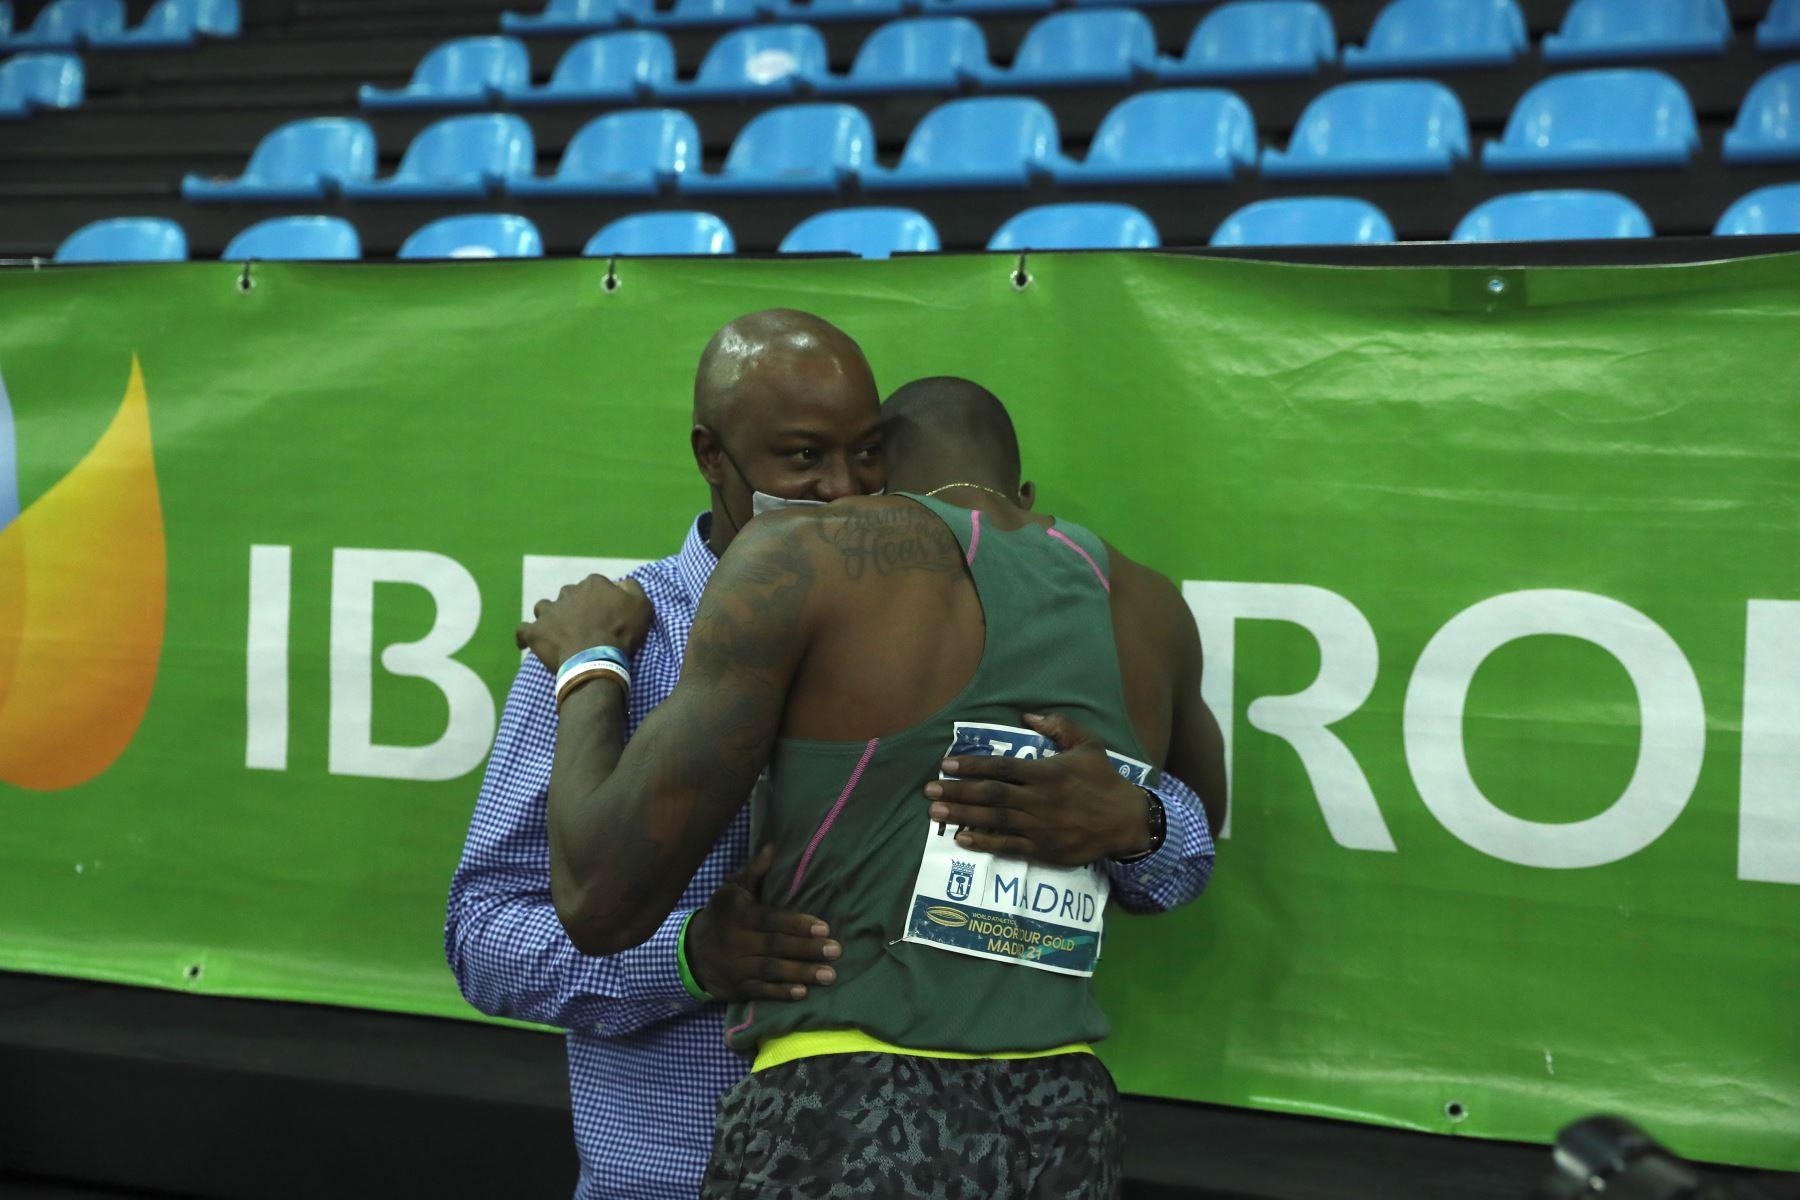 El atleta estadounidense Grant Holloway se conmueve tras haber batido el record de los 60 metros vallas logrado en la Reunión Internacional de Atletismo Villa de Madrid 2021. Foto: EFE